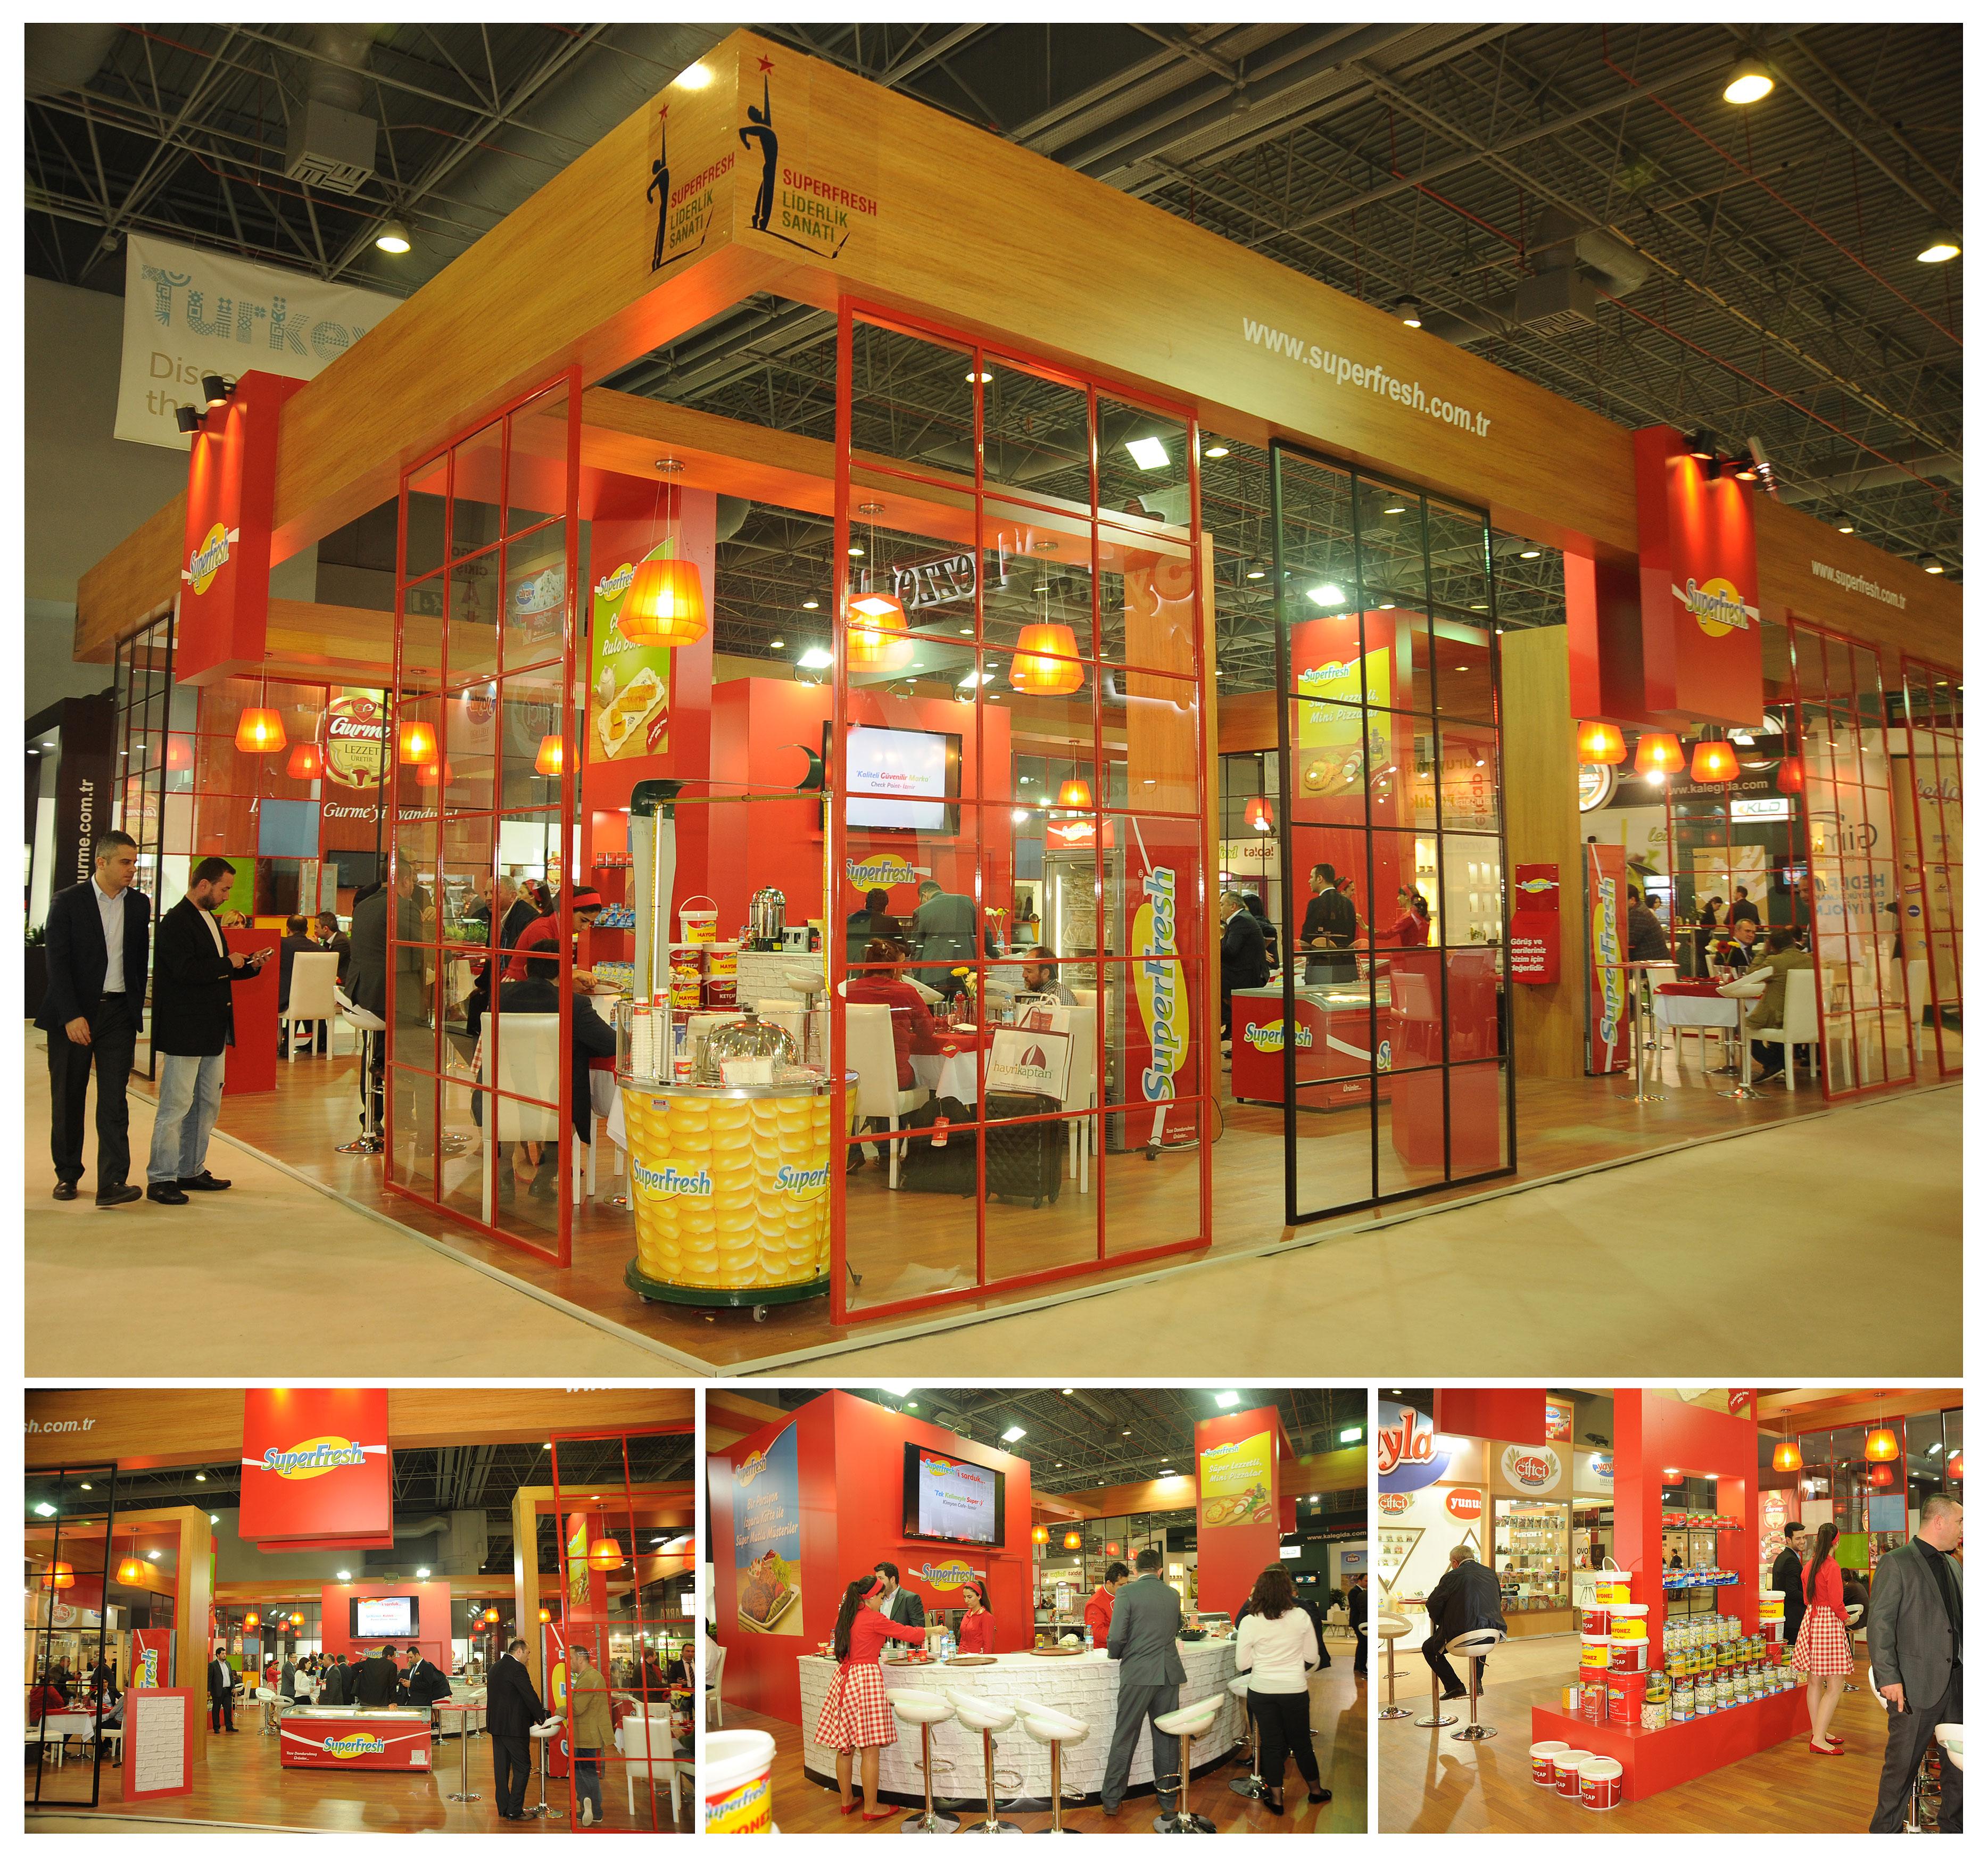 Superfresh Exhibition Stand Design Photo by GriofisMimarlik